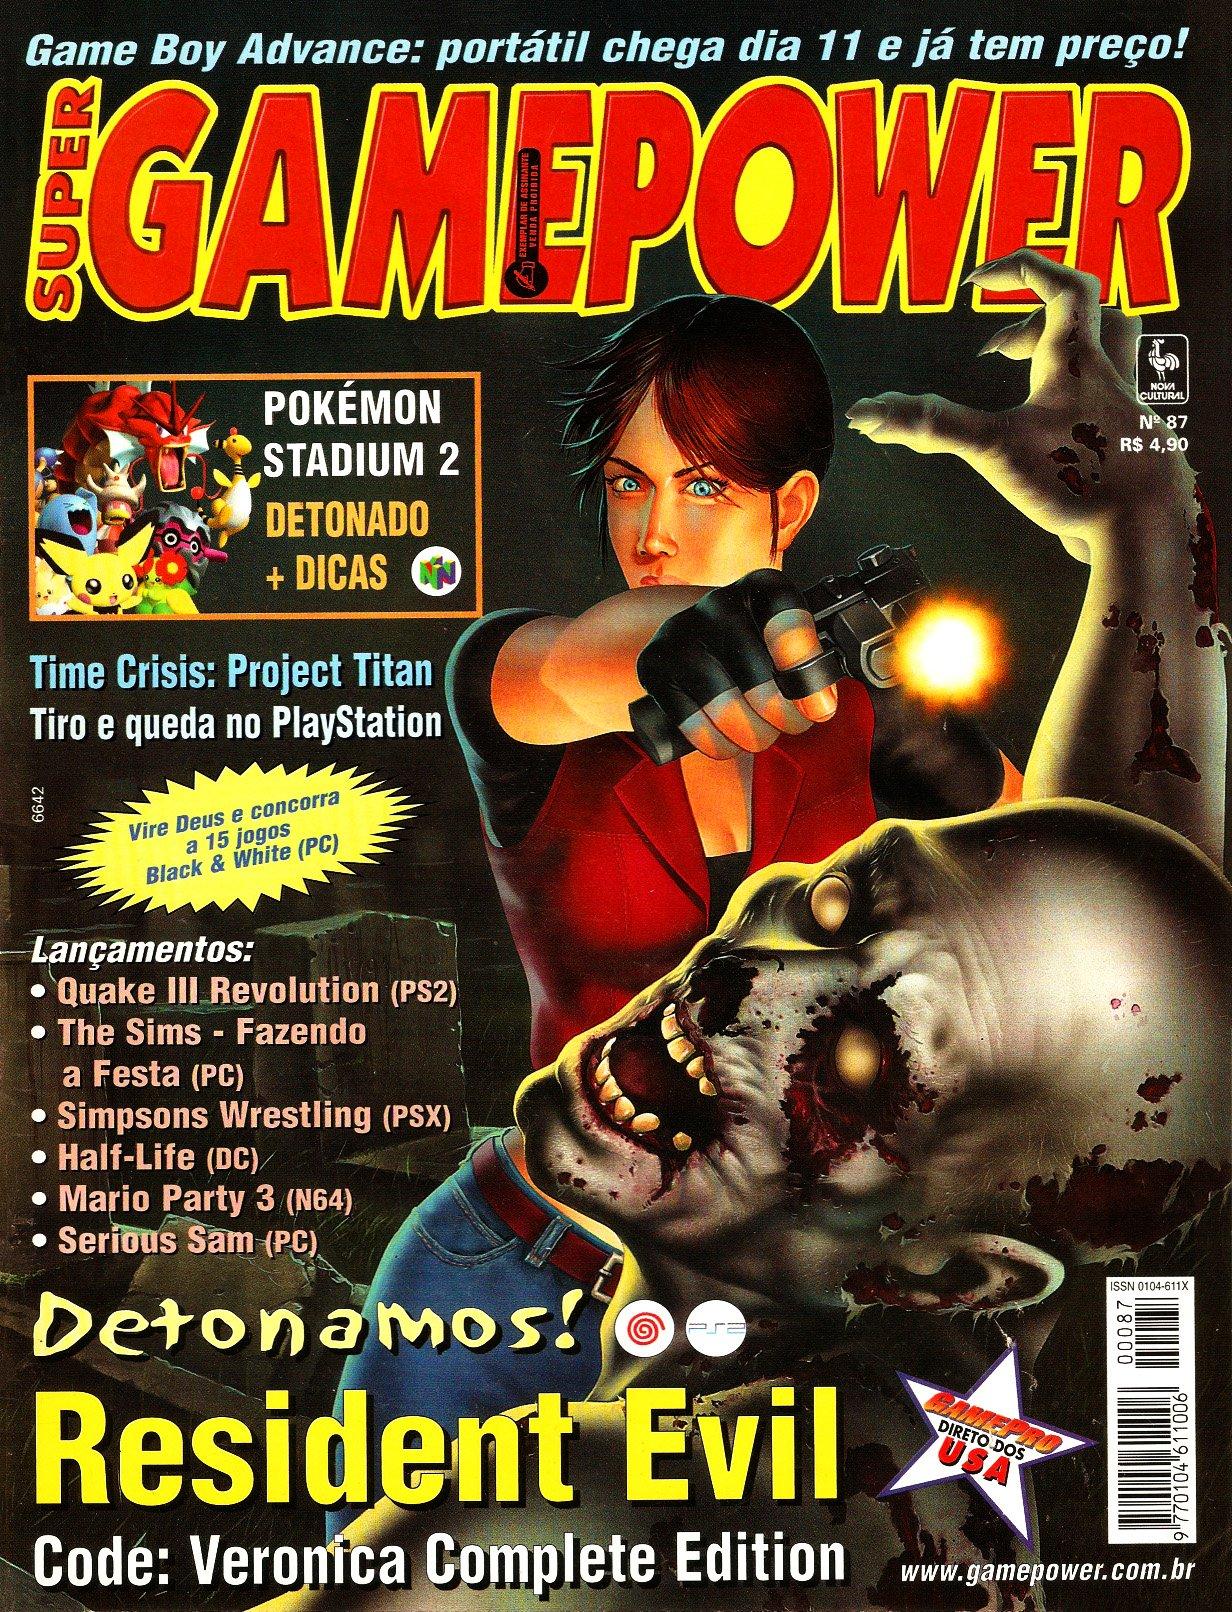 SuperGamePower Issue 087 (June 2001)